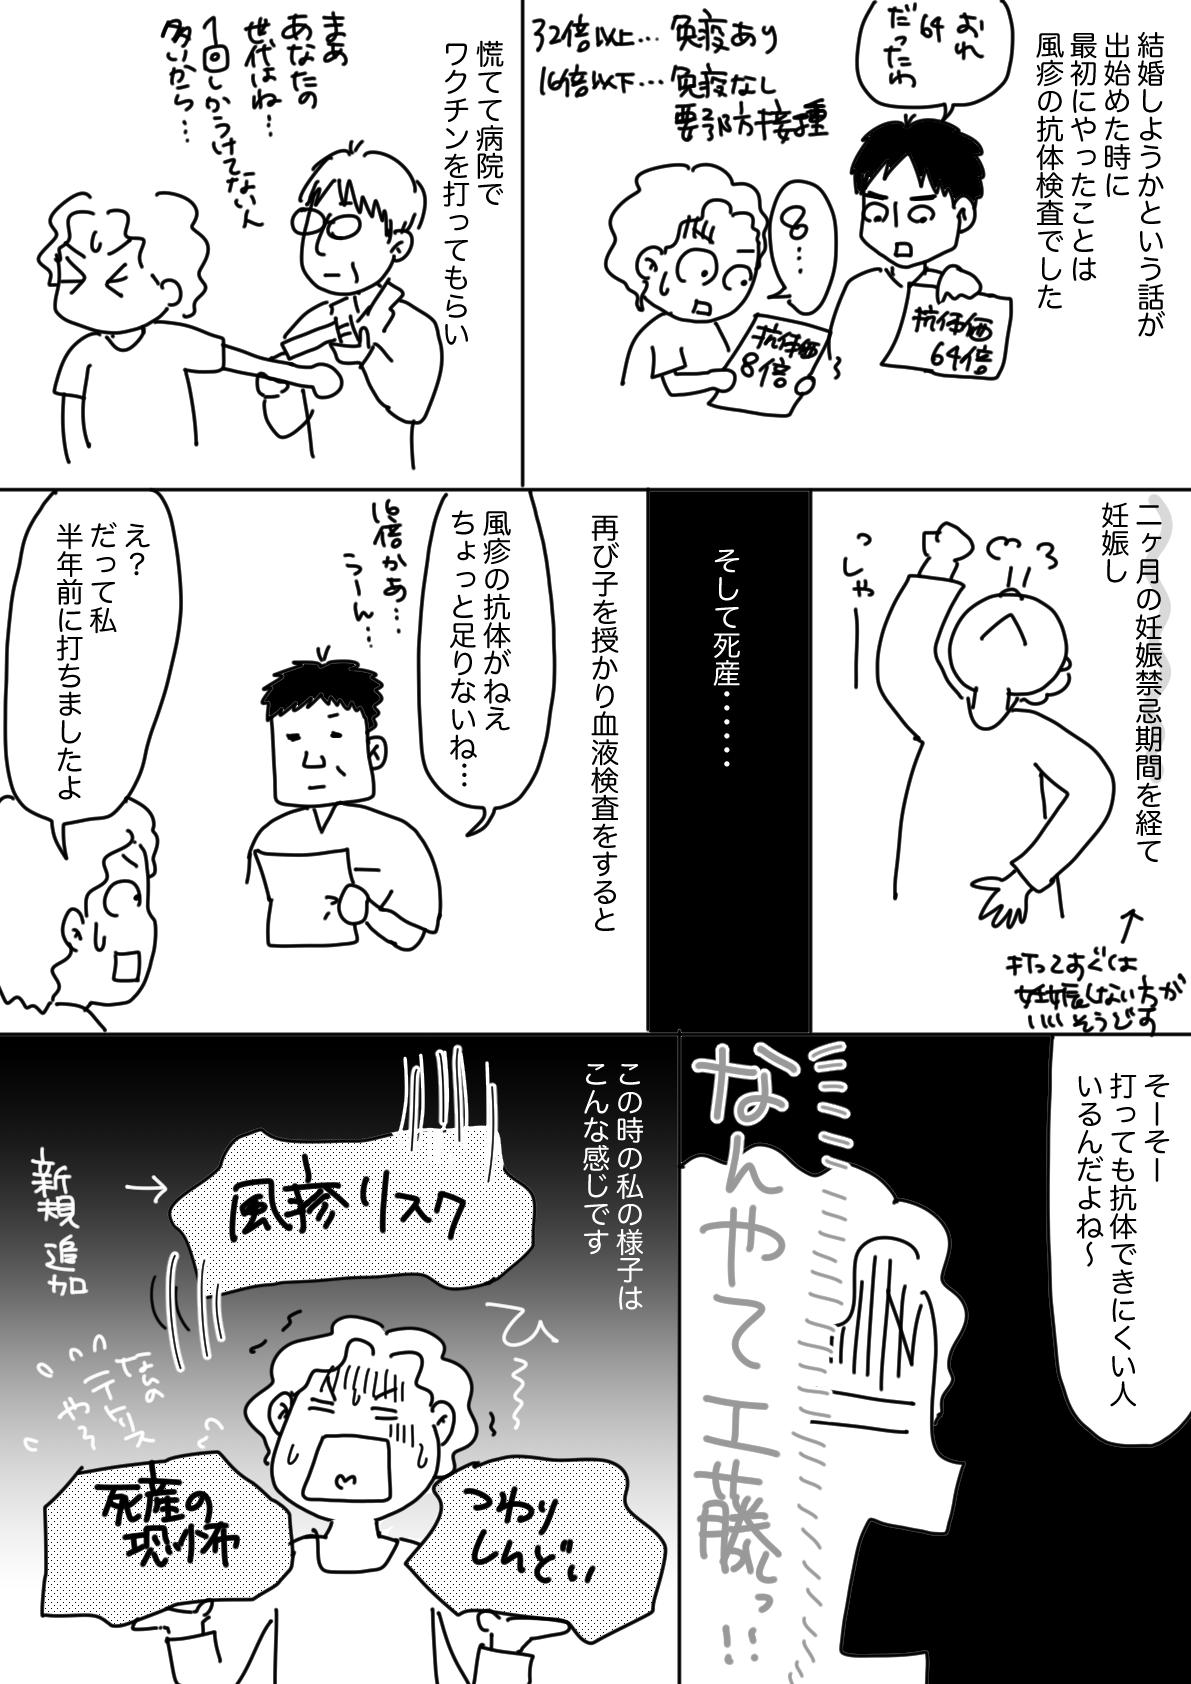 風疹_001